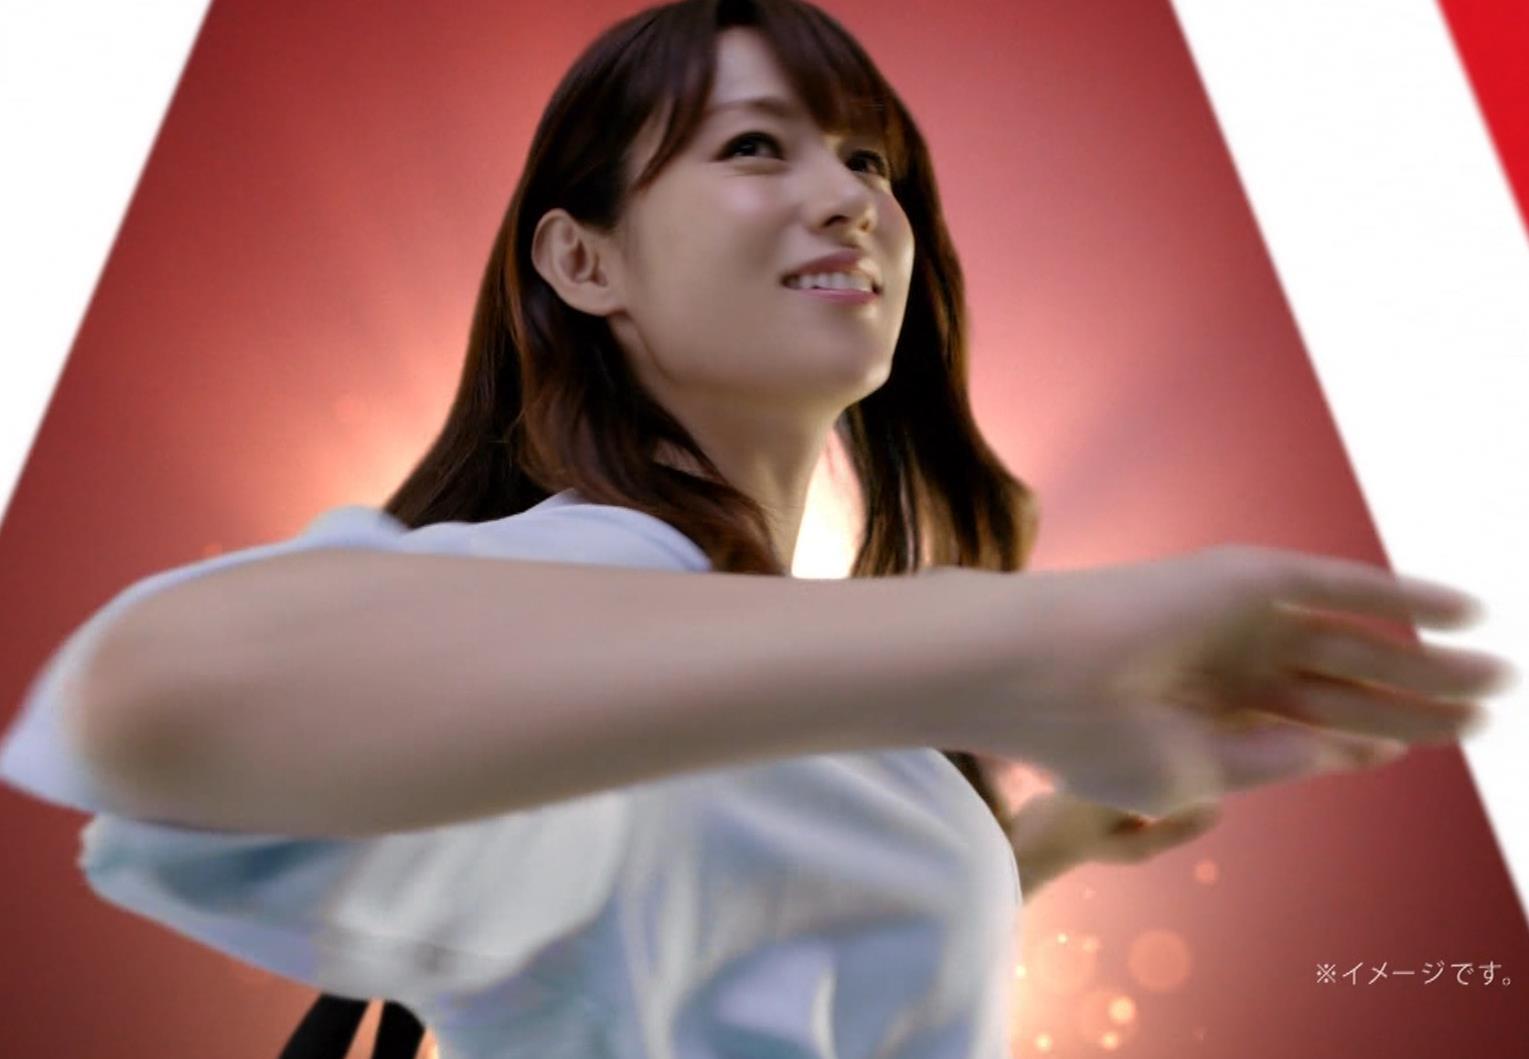 深田恭子 アリナミンのCMっておっぱい突き出しててエロいキャプ・エロ画像4